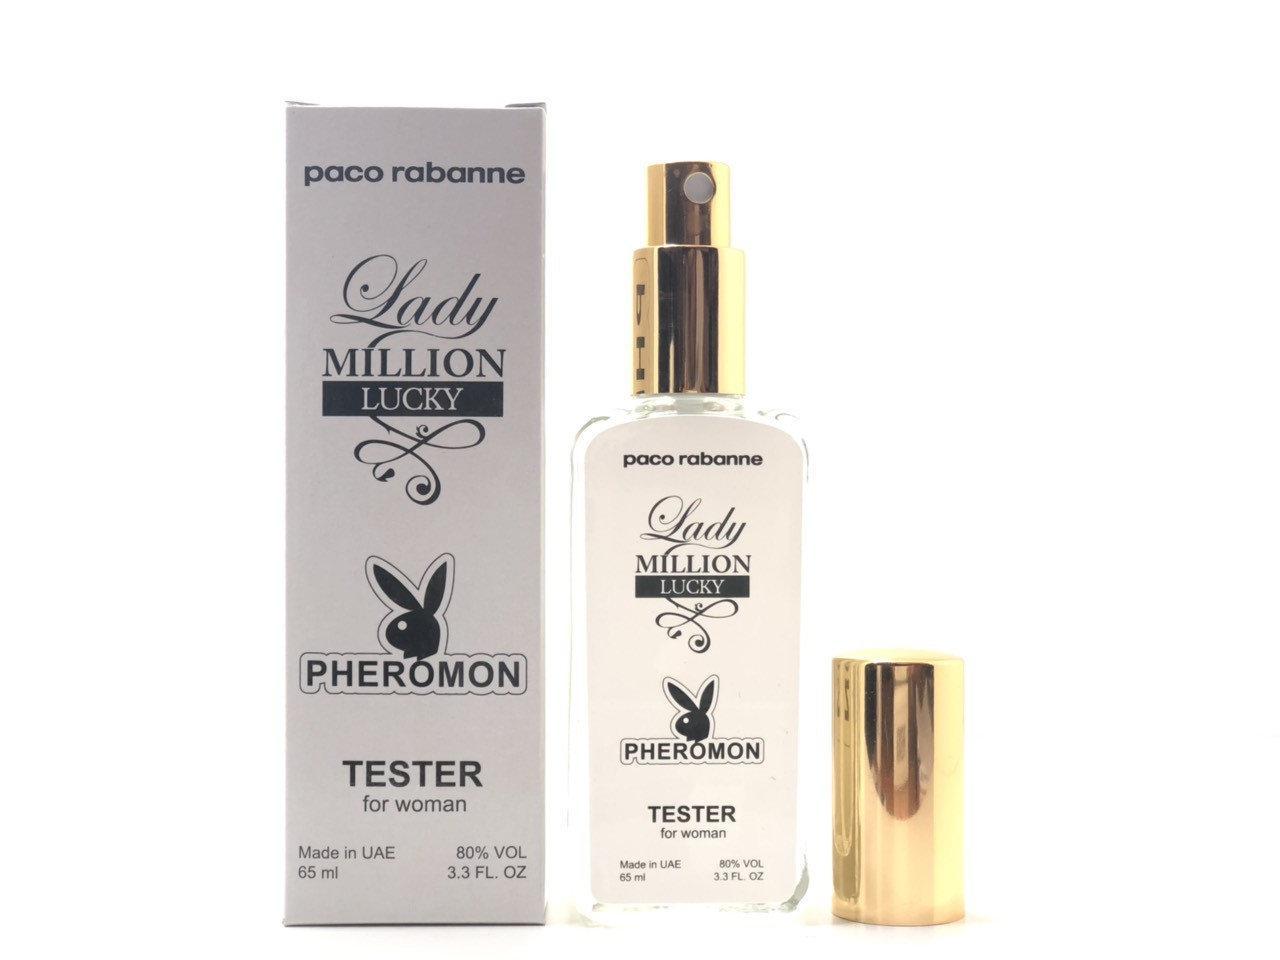 Парфюмированная вода женская с феромонами в тестере Paco Rabanne Lady Million Lucky 65 мл  ОАЭ (реплика)